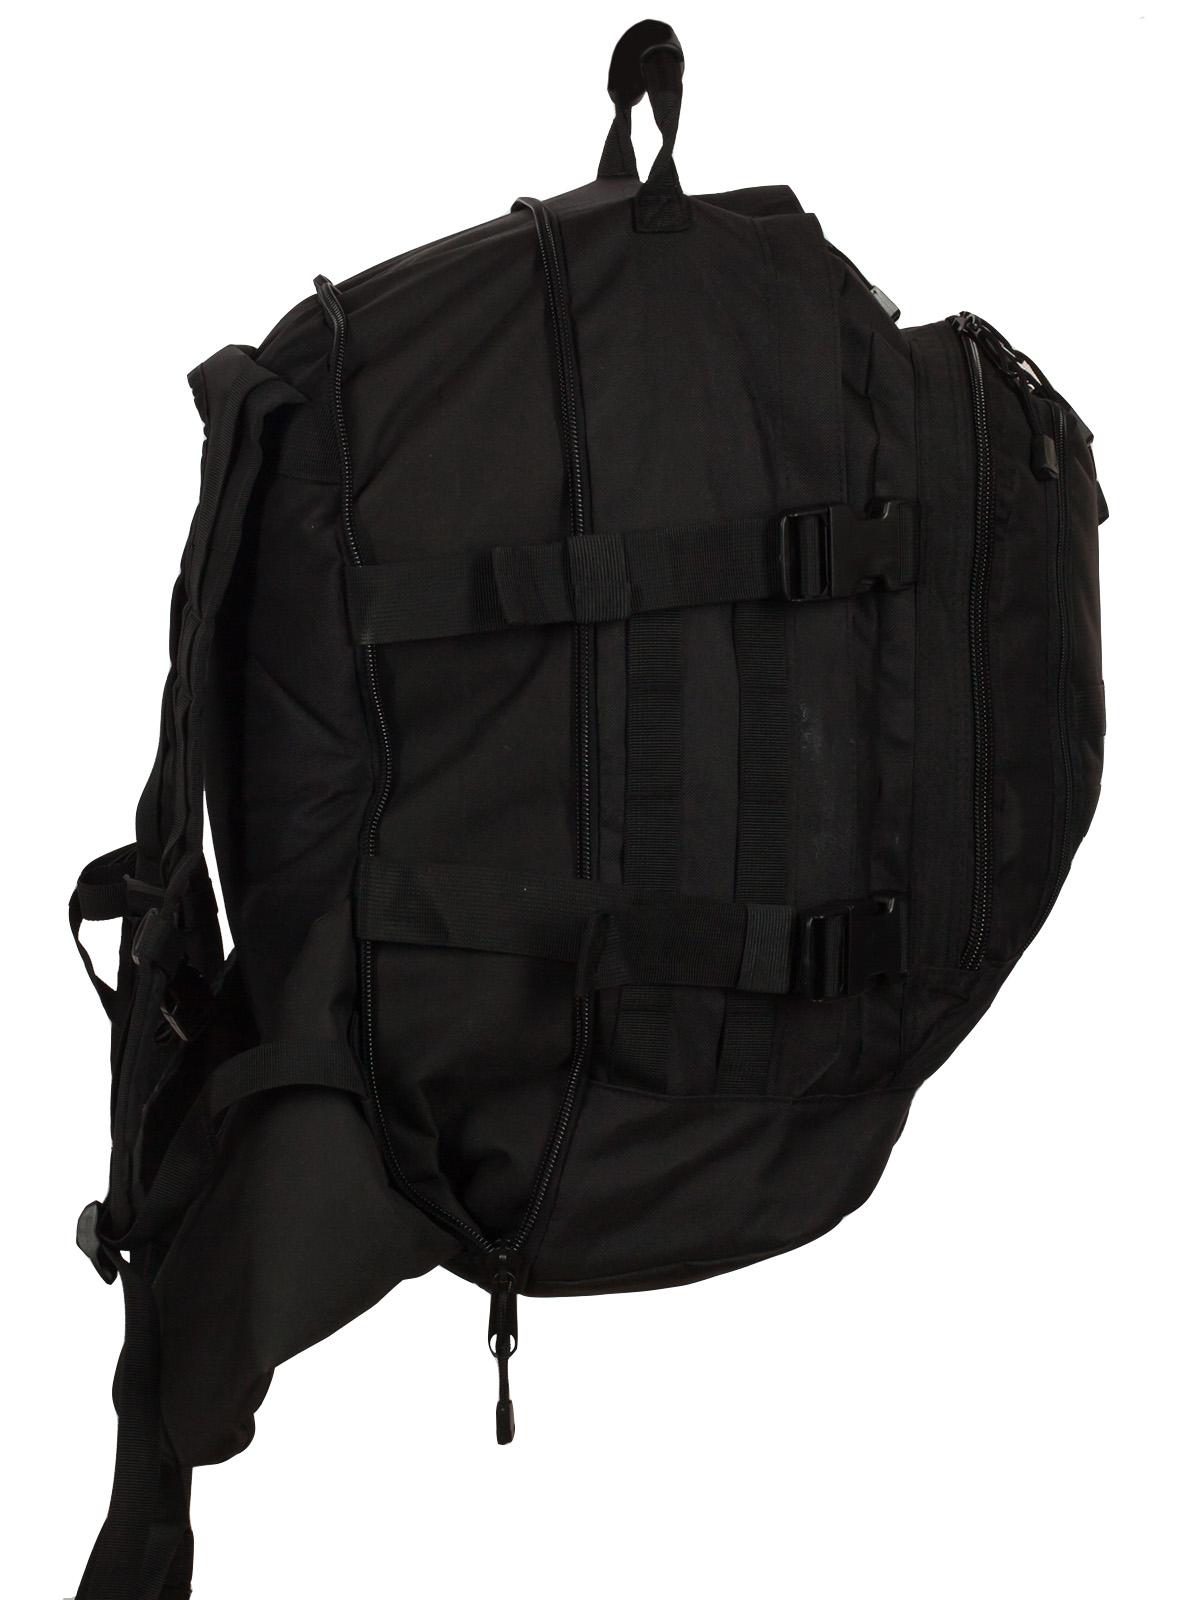 Универсальный трехдневный рюкзак с нашивкой Пограничной службы - заказать оптом